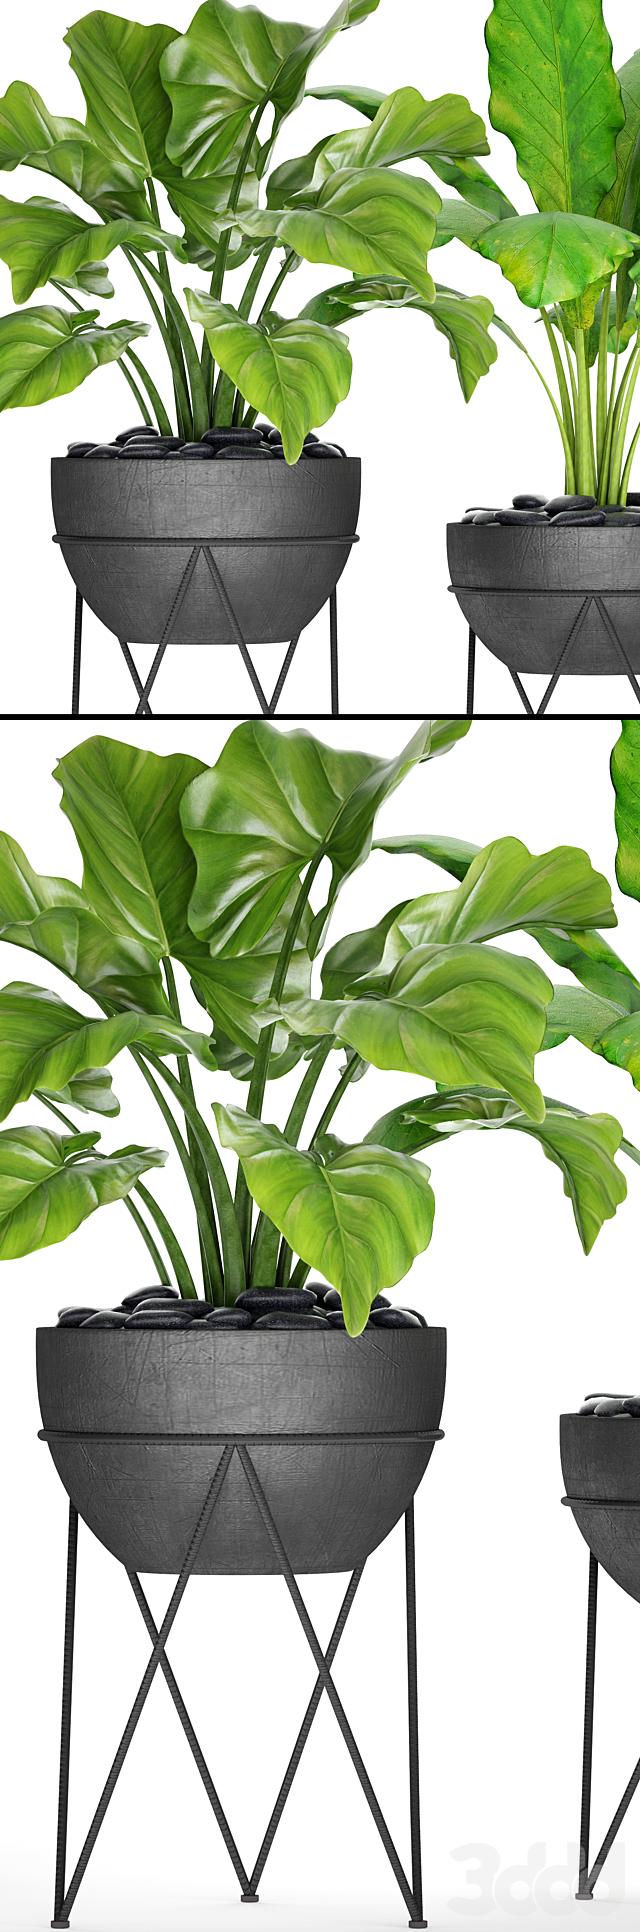 Коллекция растений в горшках 25